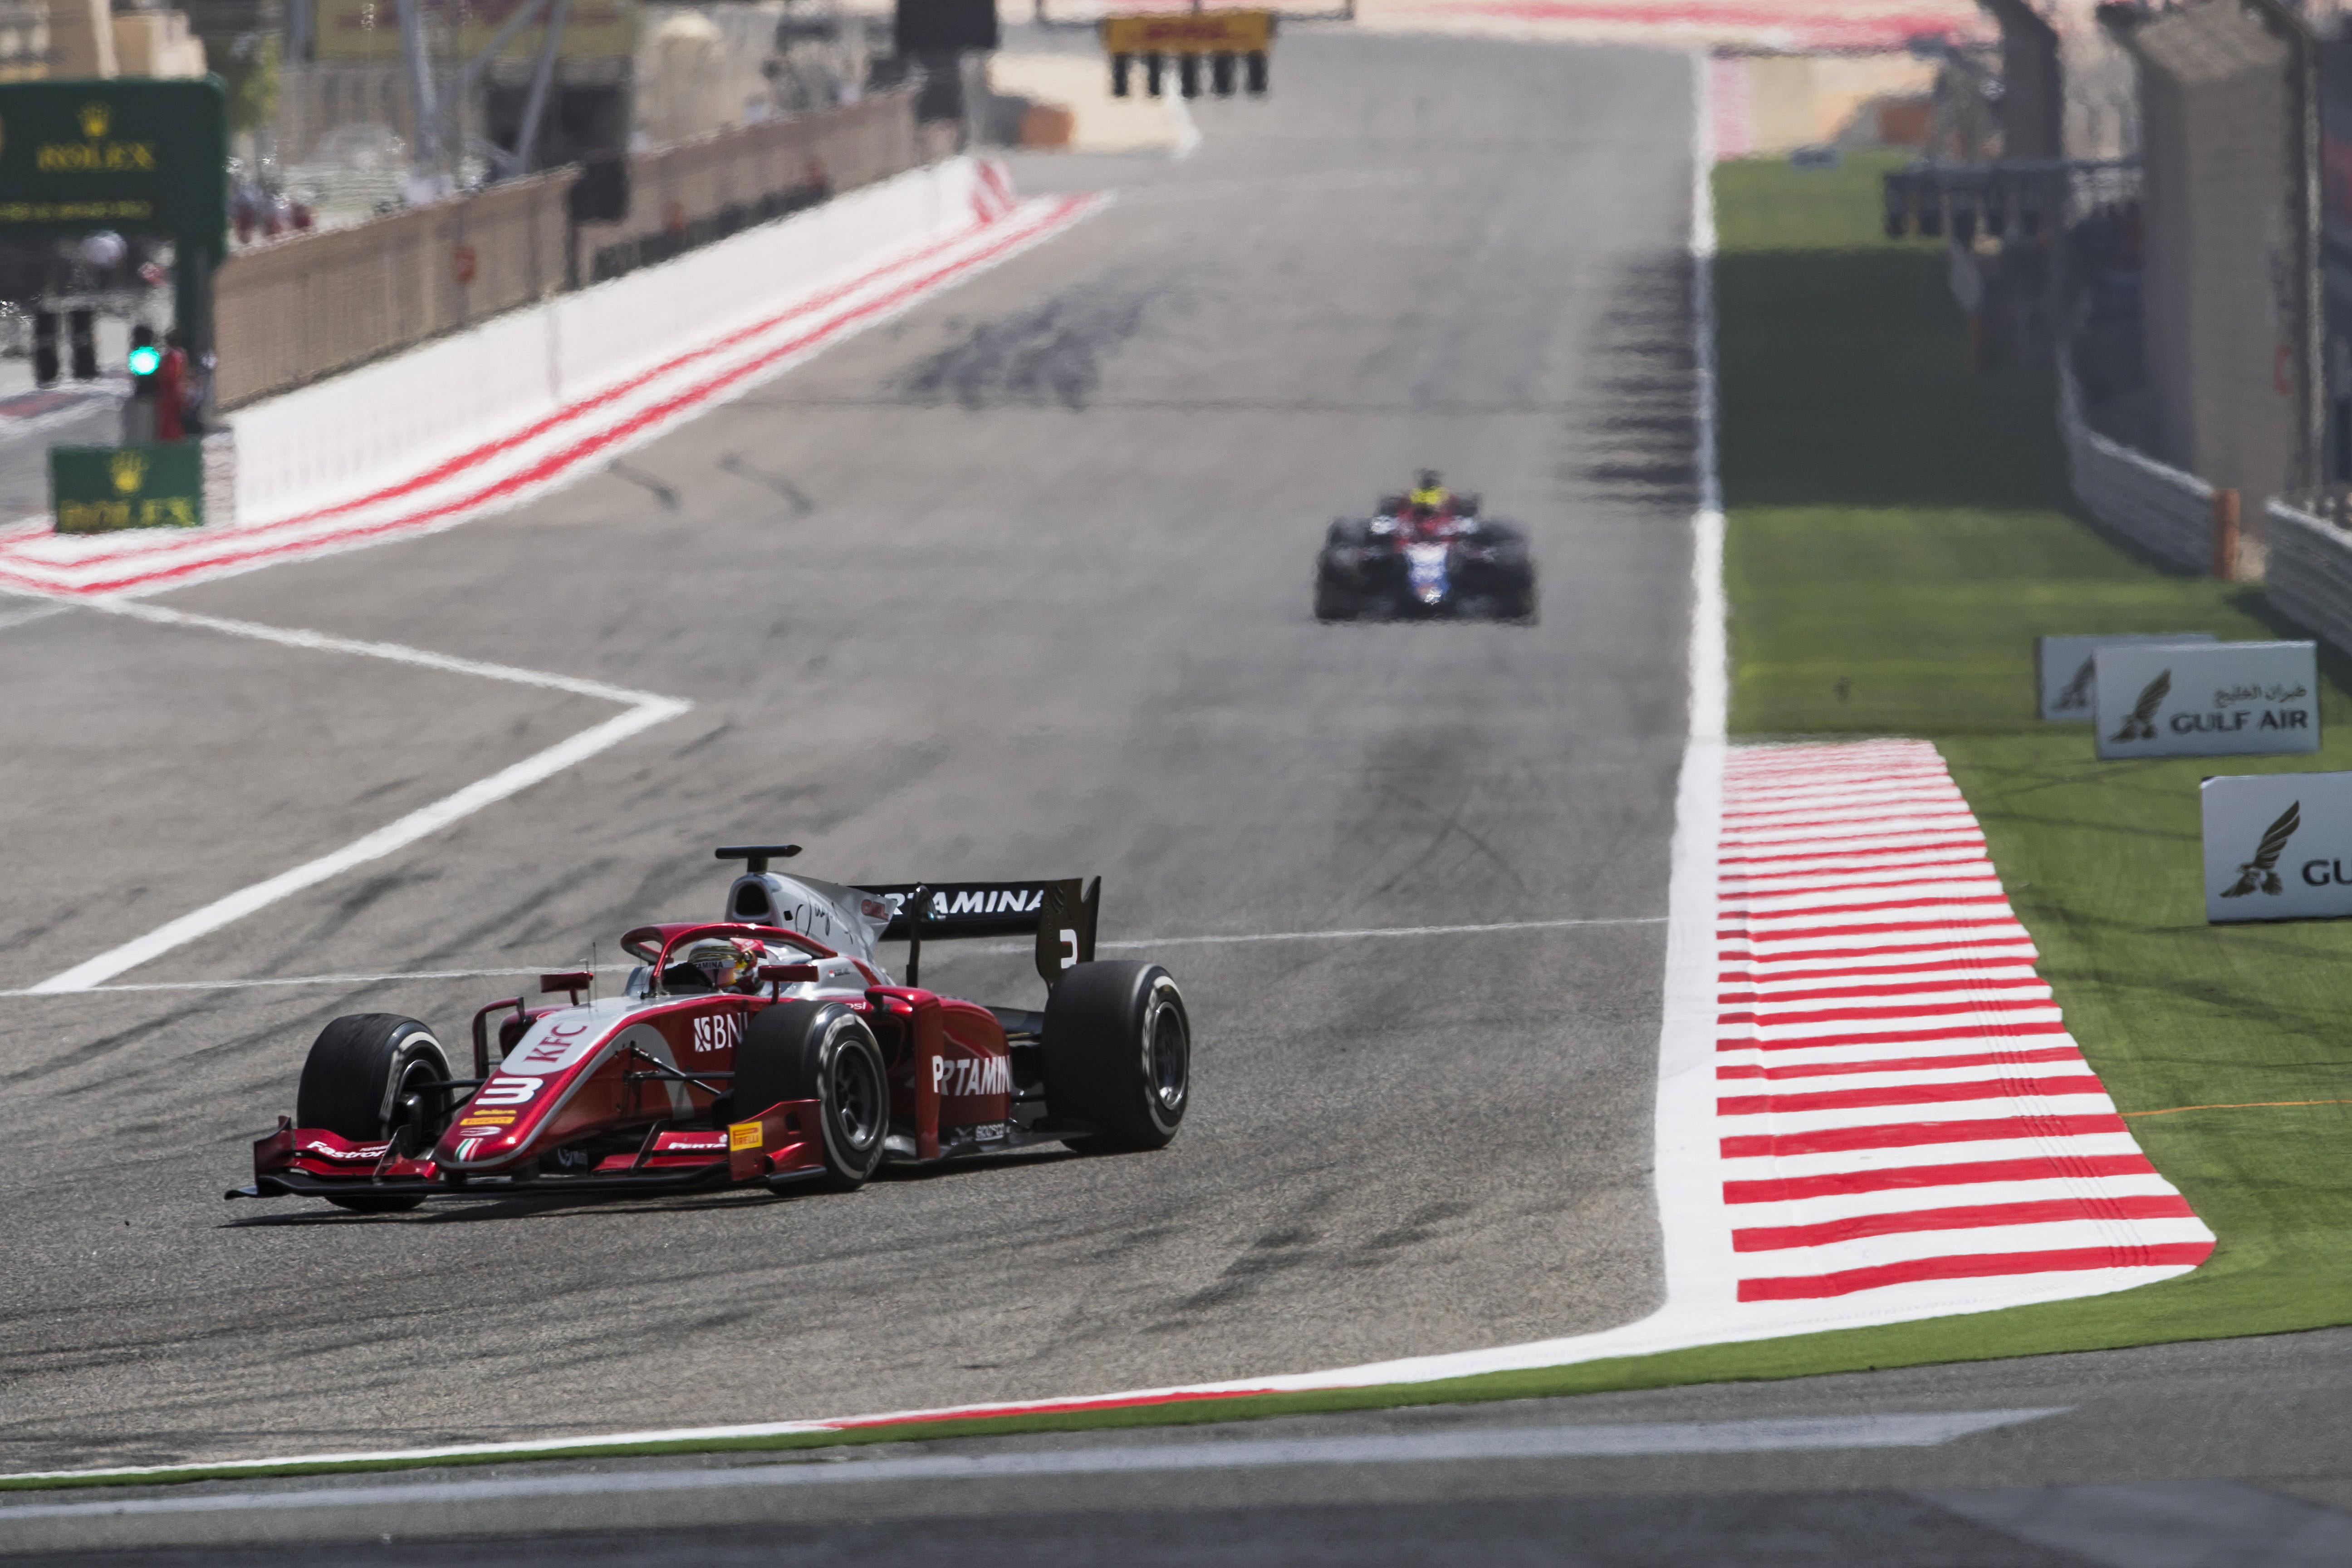 Sean Gelael, Race 1 F2 GP Bahrain